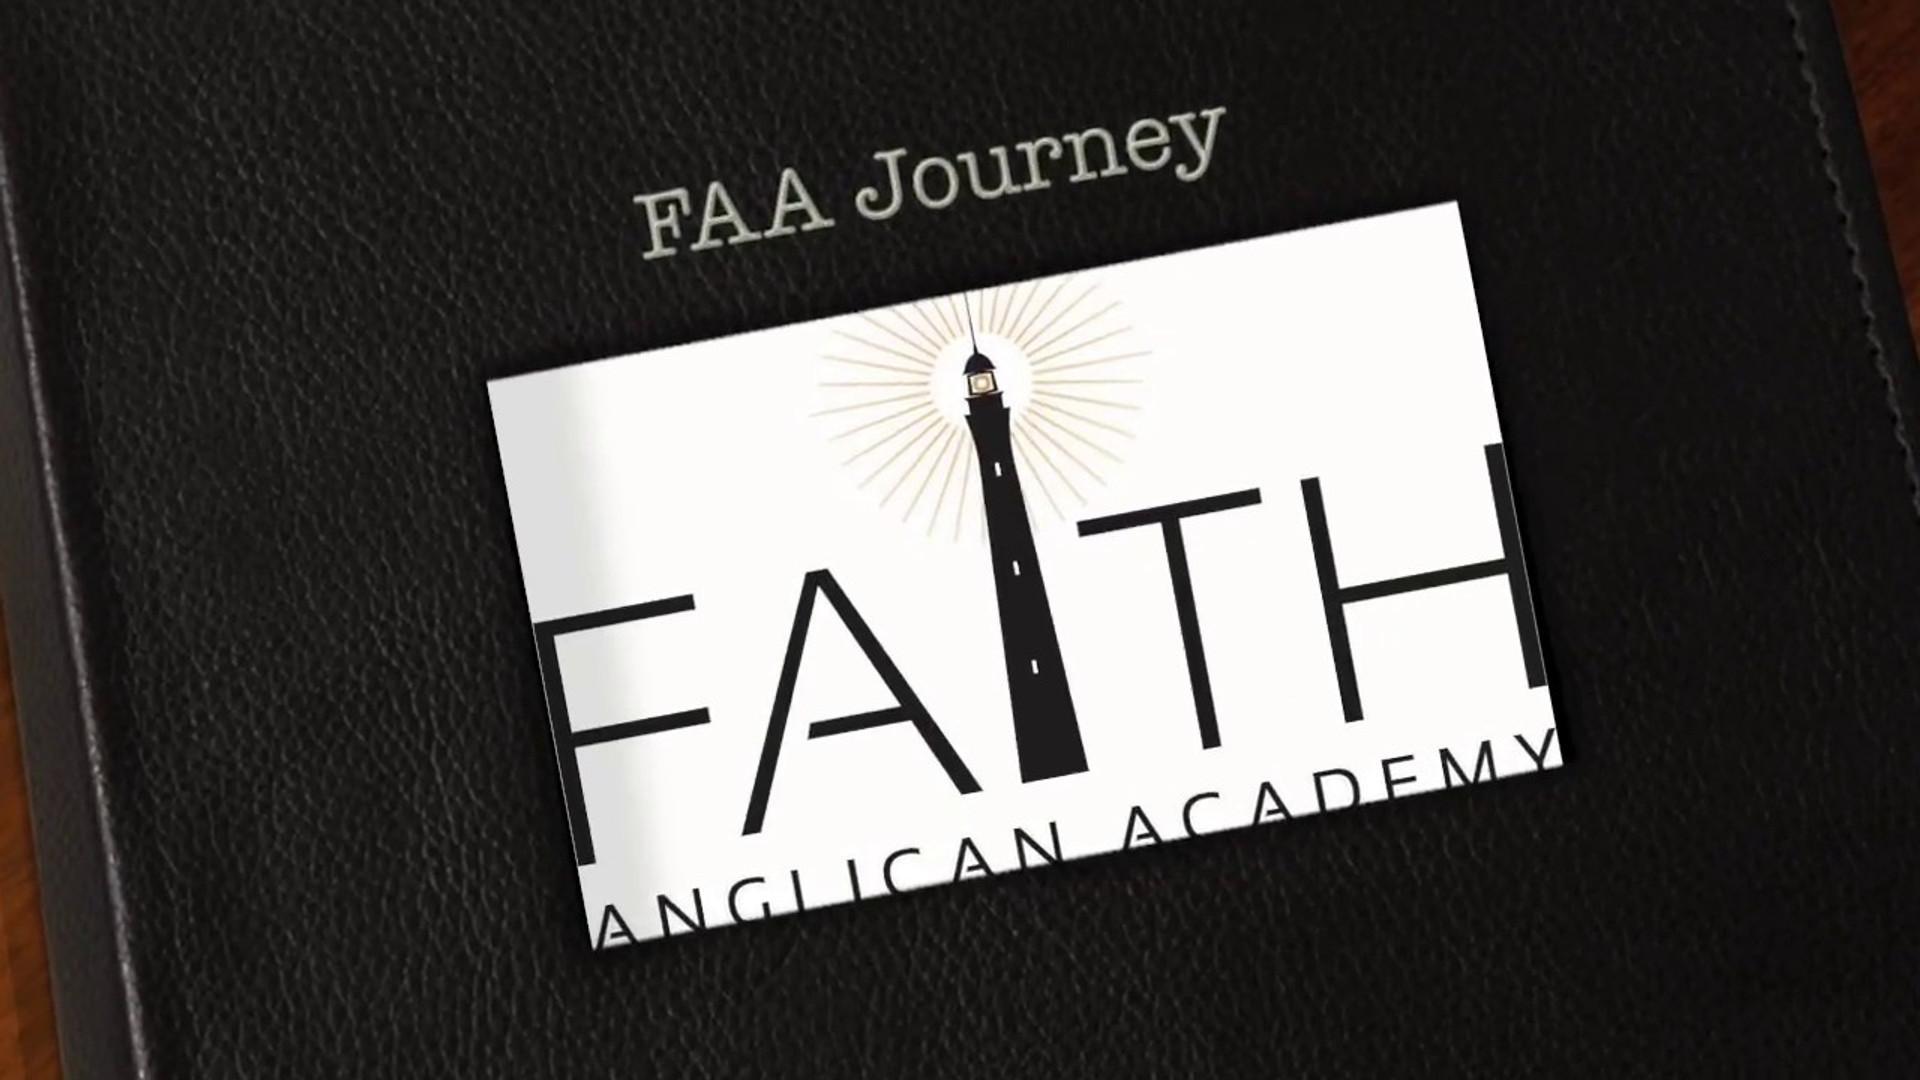 FAA Journey